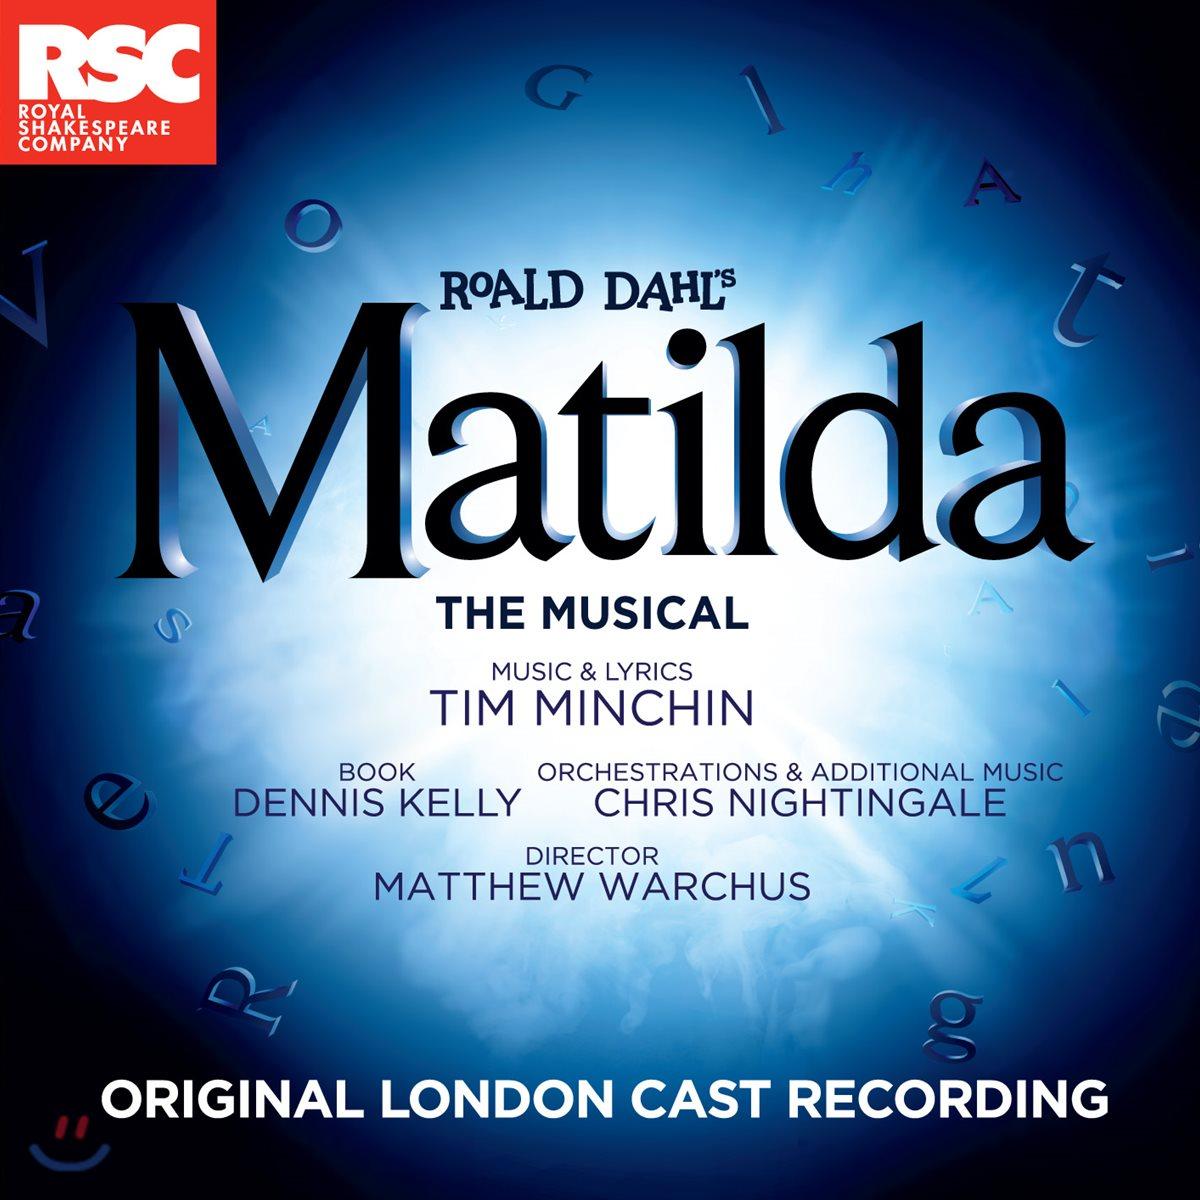 마틸다 뮤지컬 음악 - 오리지널 런던 캐스팅 녹음 (Matilda The Musical OST)